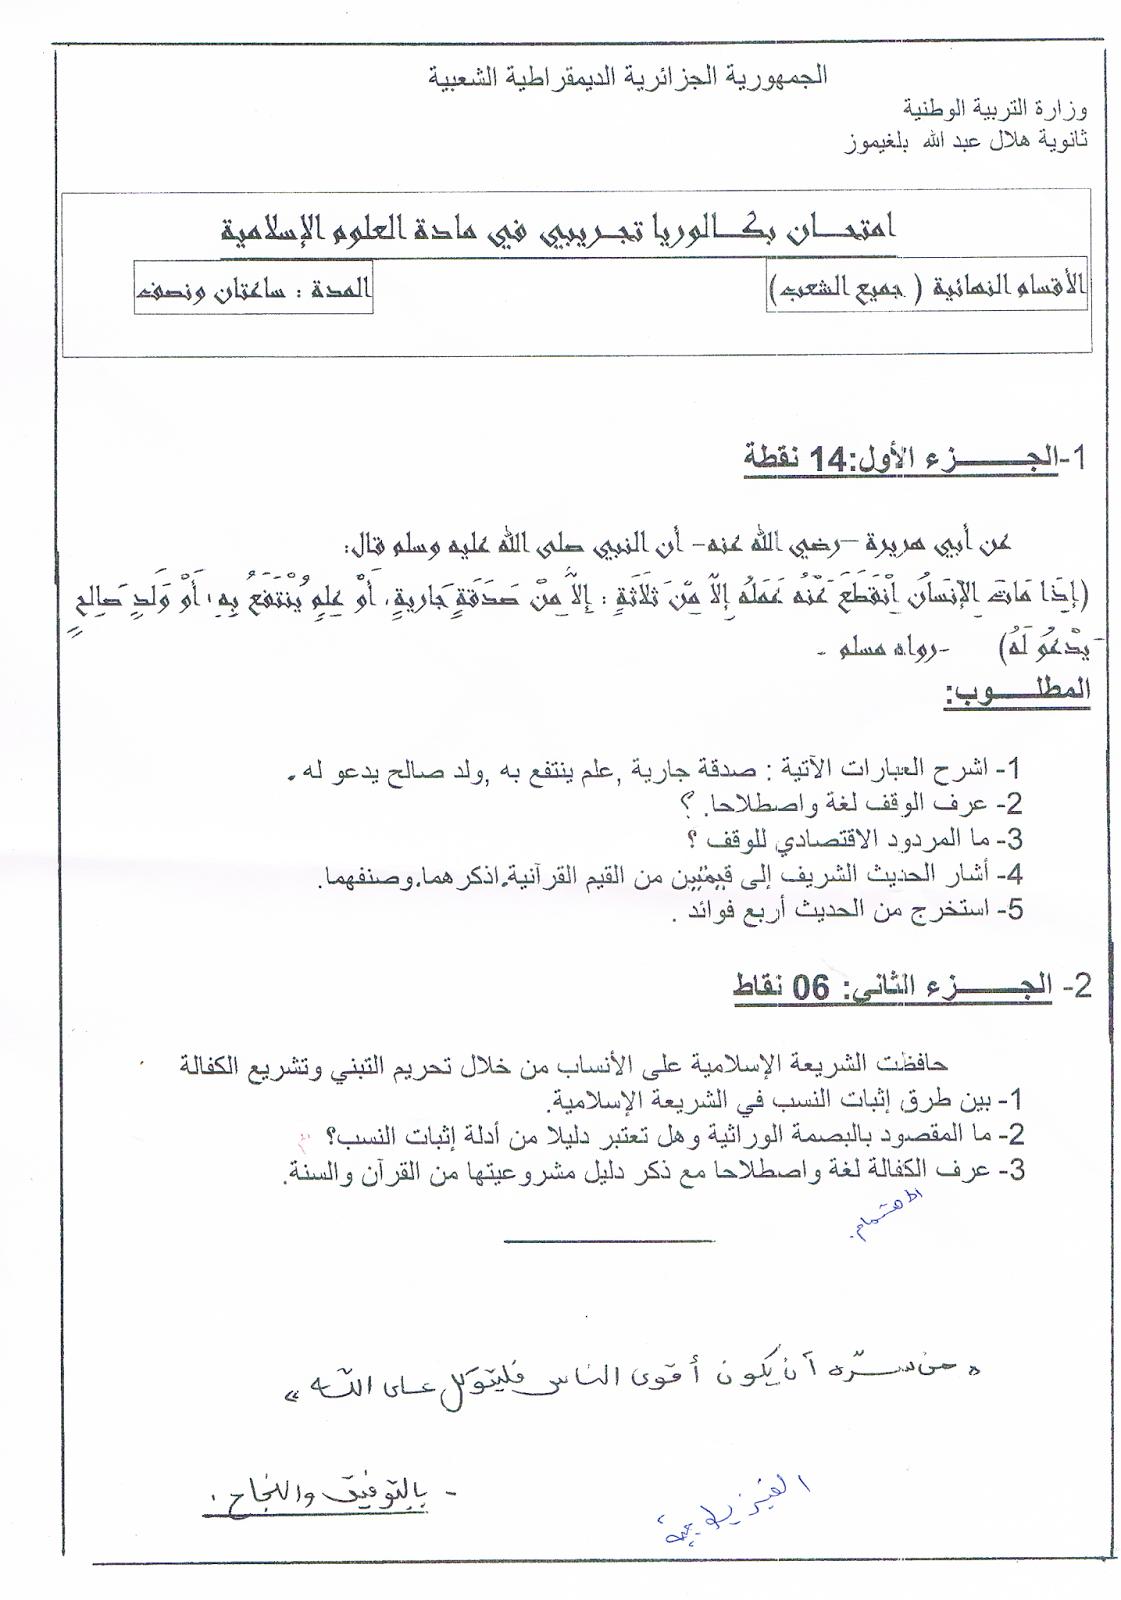 امتحان بكالوريا تجريبي في مادة العلوم الاسلامية %D8%A7%D9%84%D8%B9%D9%84%D9%88%D9%85+%D8%A7%D9%84%D8%B4%D8%B1%D8%B9%D9%8A%D8%A9